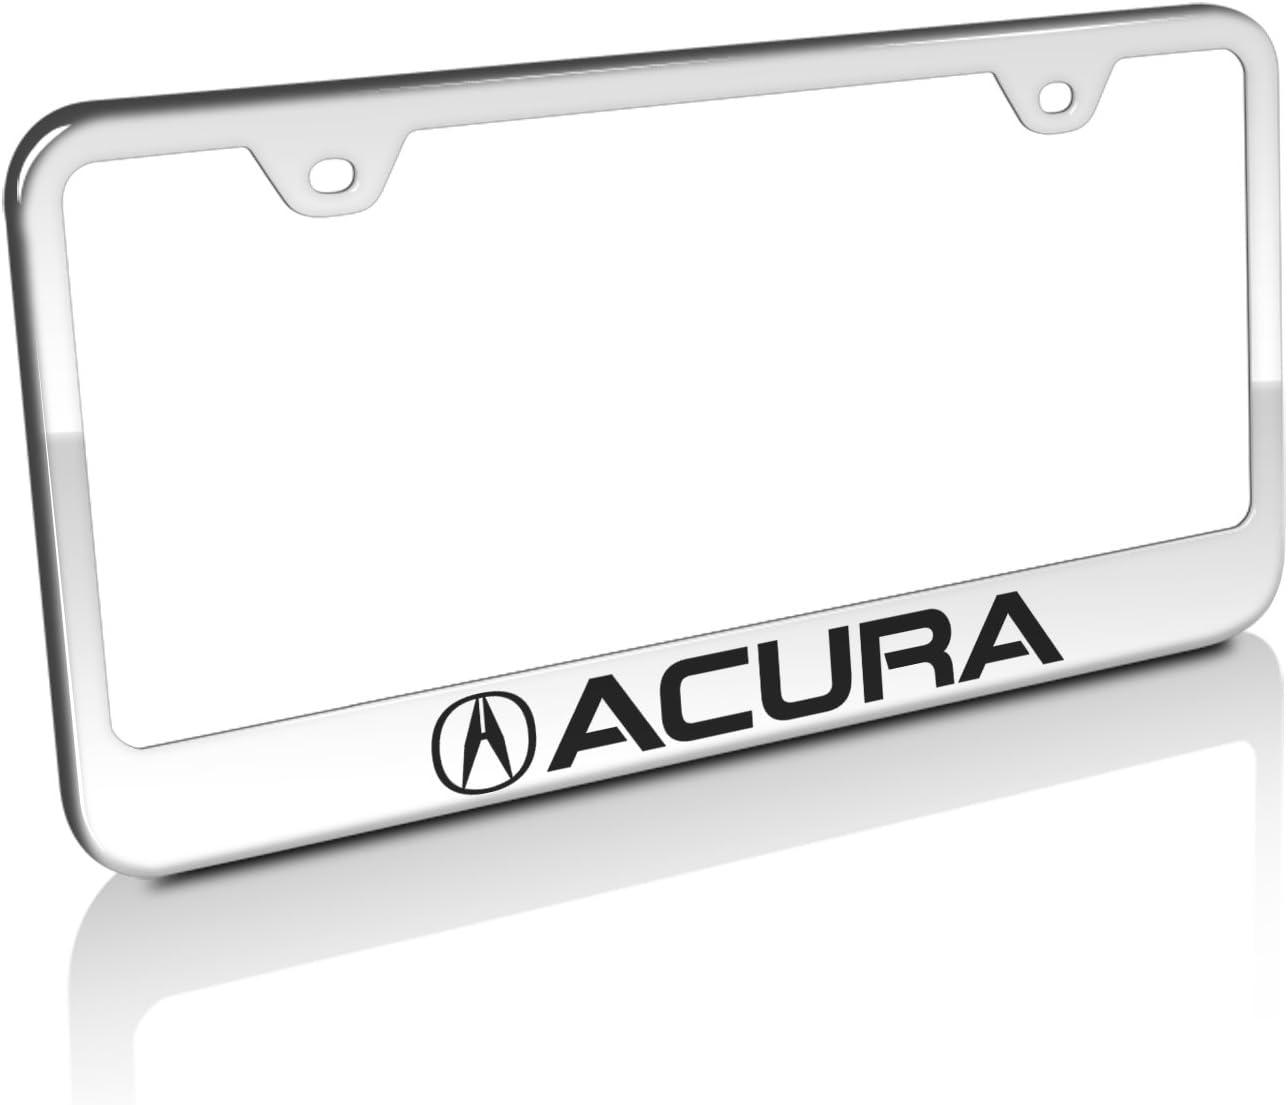 Acura license plate frame chrome metal carbon fiber details chrome text